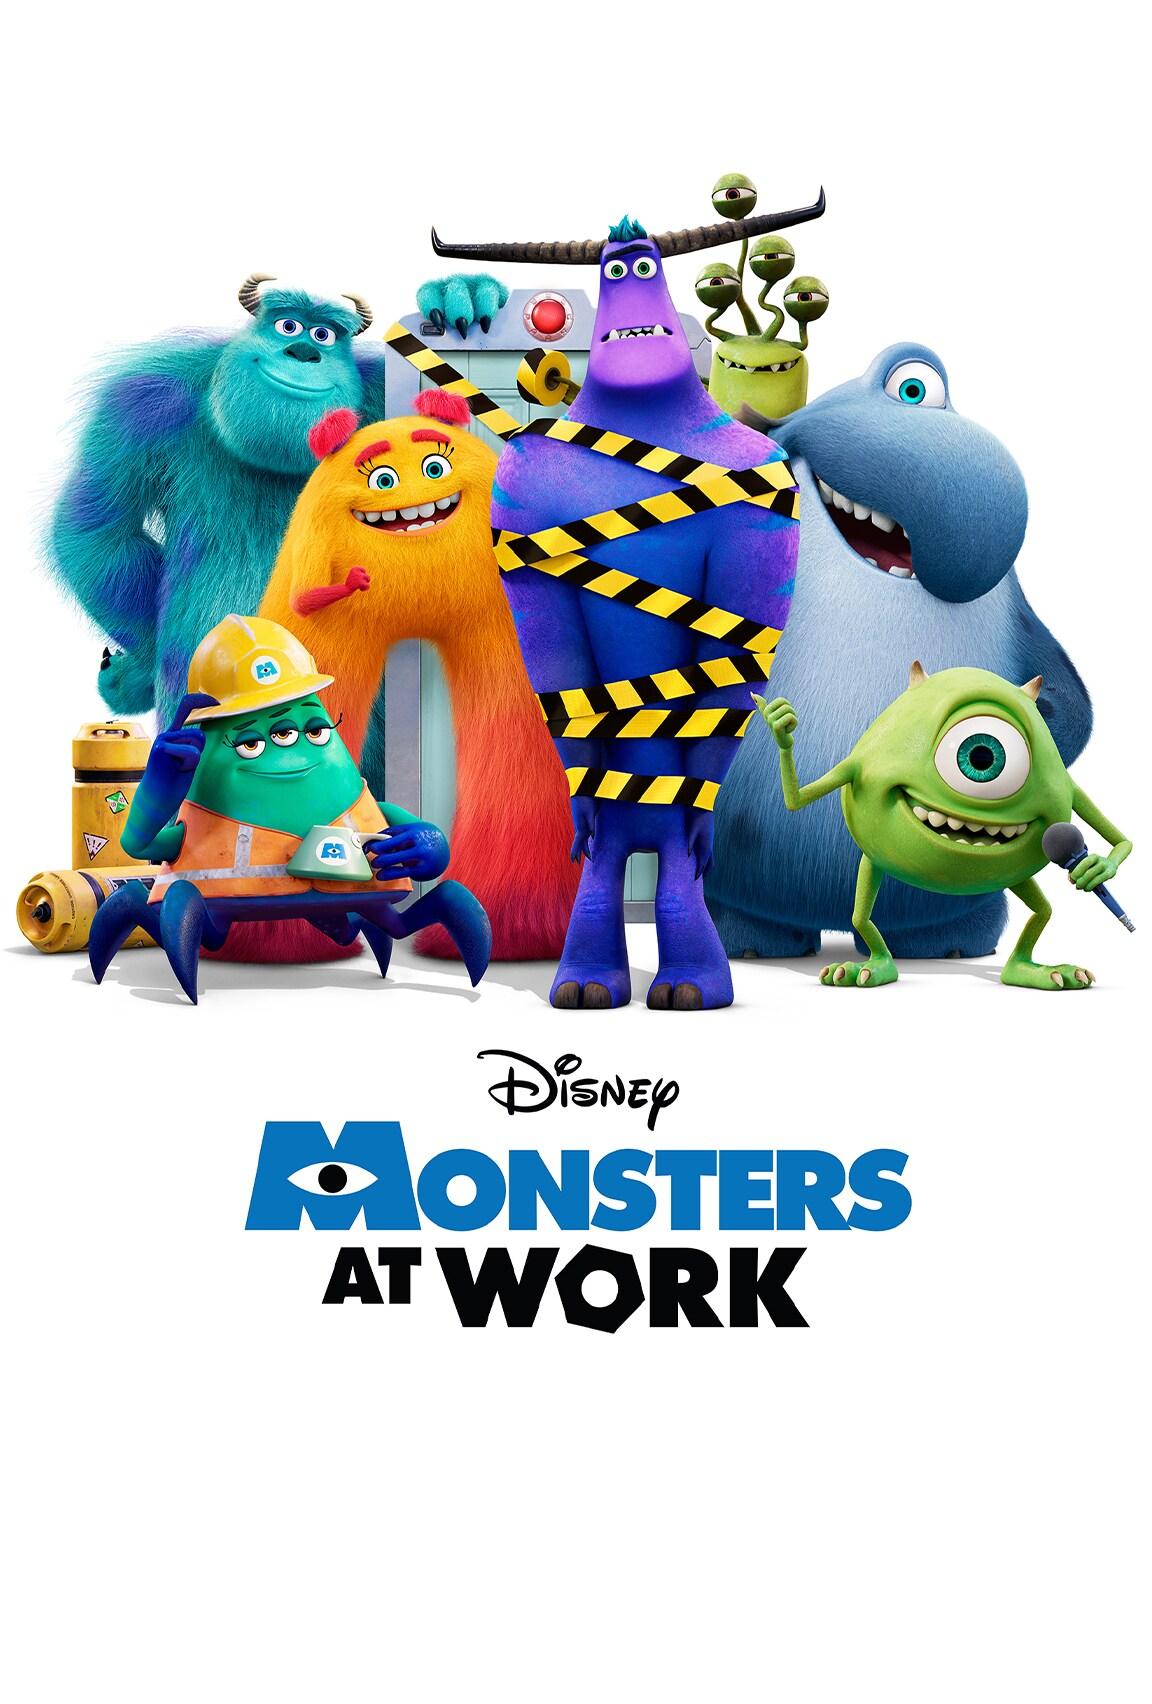 Monsters at Work on Disney Plus